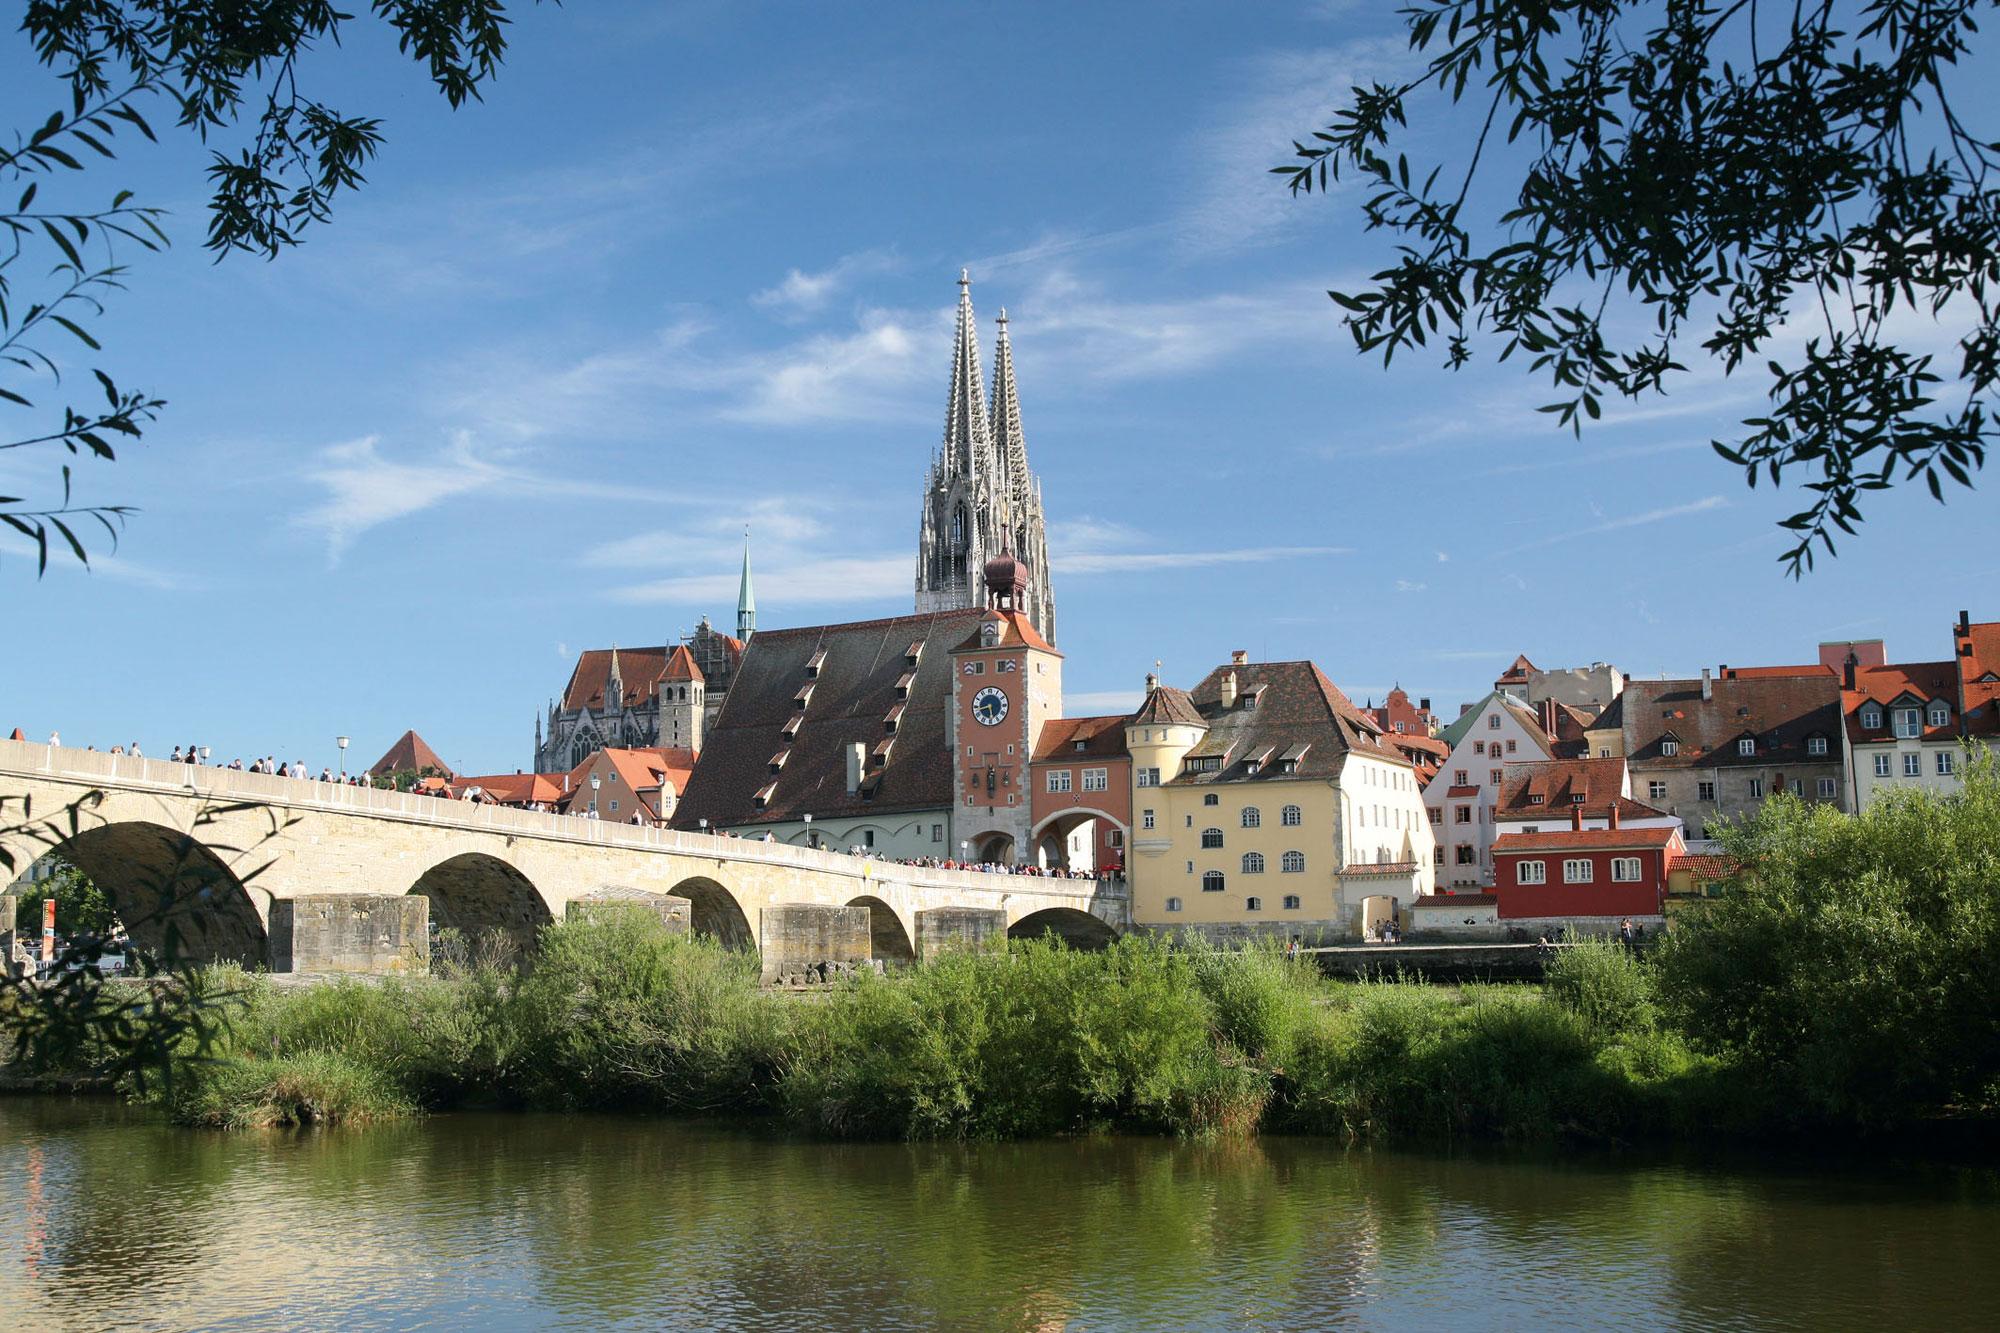 Regensburg: UNESCO World Heritage Site